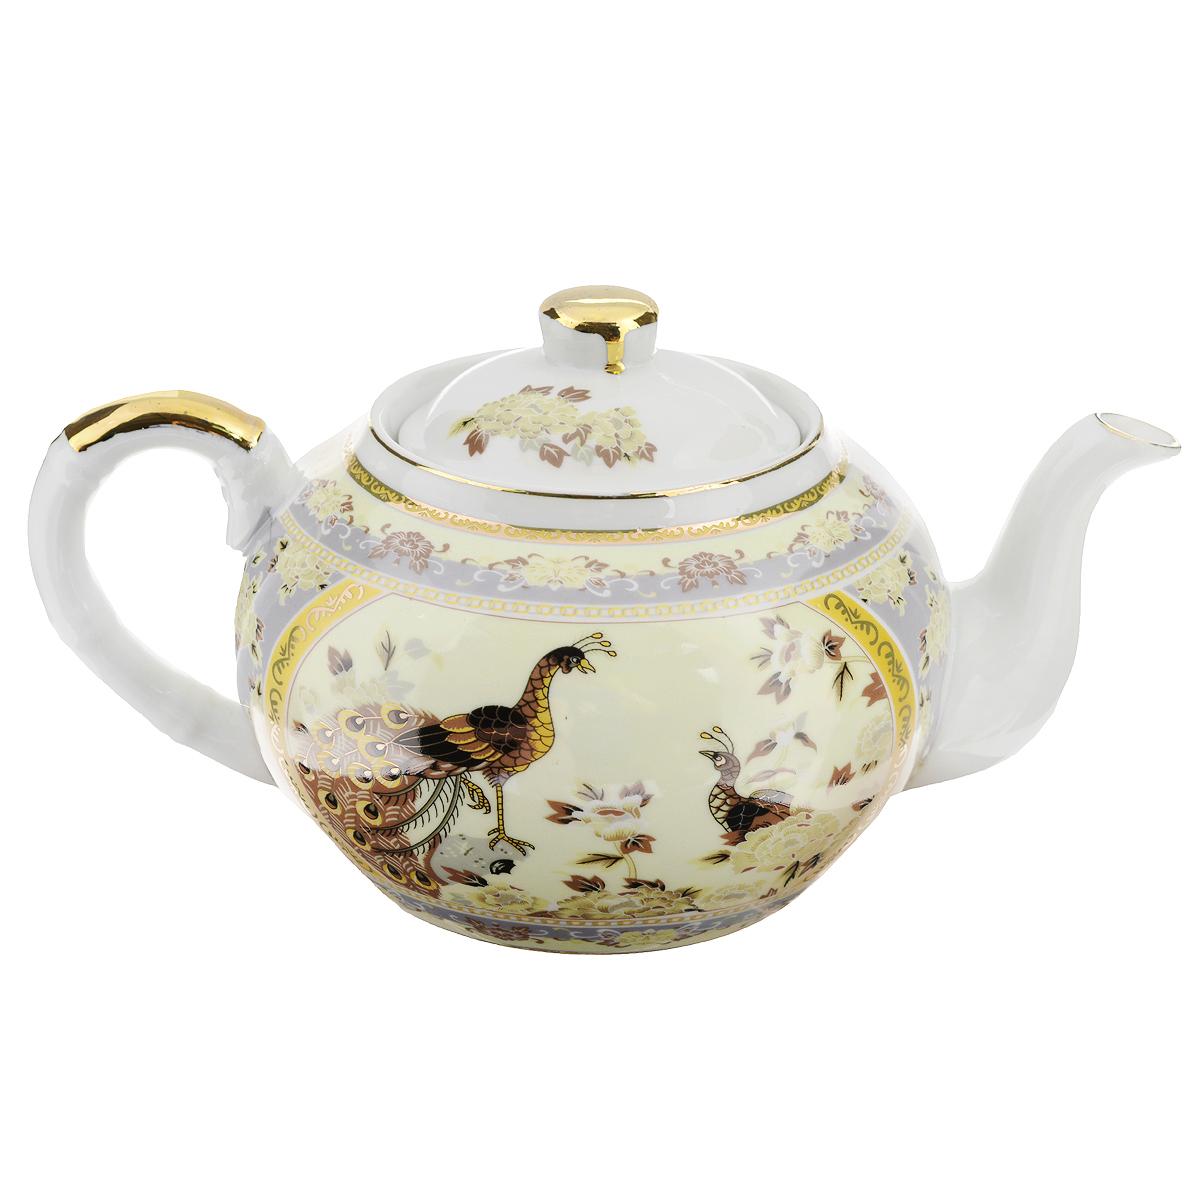 Чайник заварочный Saguro Павлин на бежевом, 1 л. 545-386DM9266Чайник заварочный Saguro Павлин на бежевом изготовлен из высококачественного фарфора. Чайник декорирован изображением павлинов, цветов и золотой каймой. Такой дизайн, несомненно, придется по вкусу любителям классики и тем кто ценит красоту и изящество. Чайник заварочный Saguro Павлин на бежевом украсит ваш кухонный стол, а также станет замечательным подарком к любому празднику. Не использовать в микроволновой печи. Не применять абразивные чистящие вещества.Объем: 1 л. Размеры чайника без крышки (ДхШхВ): 22 см х 12,5 см х 9 см.